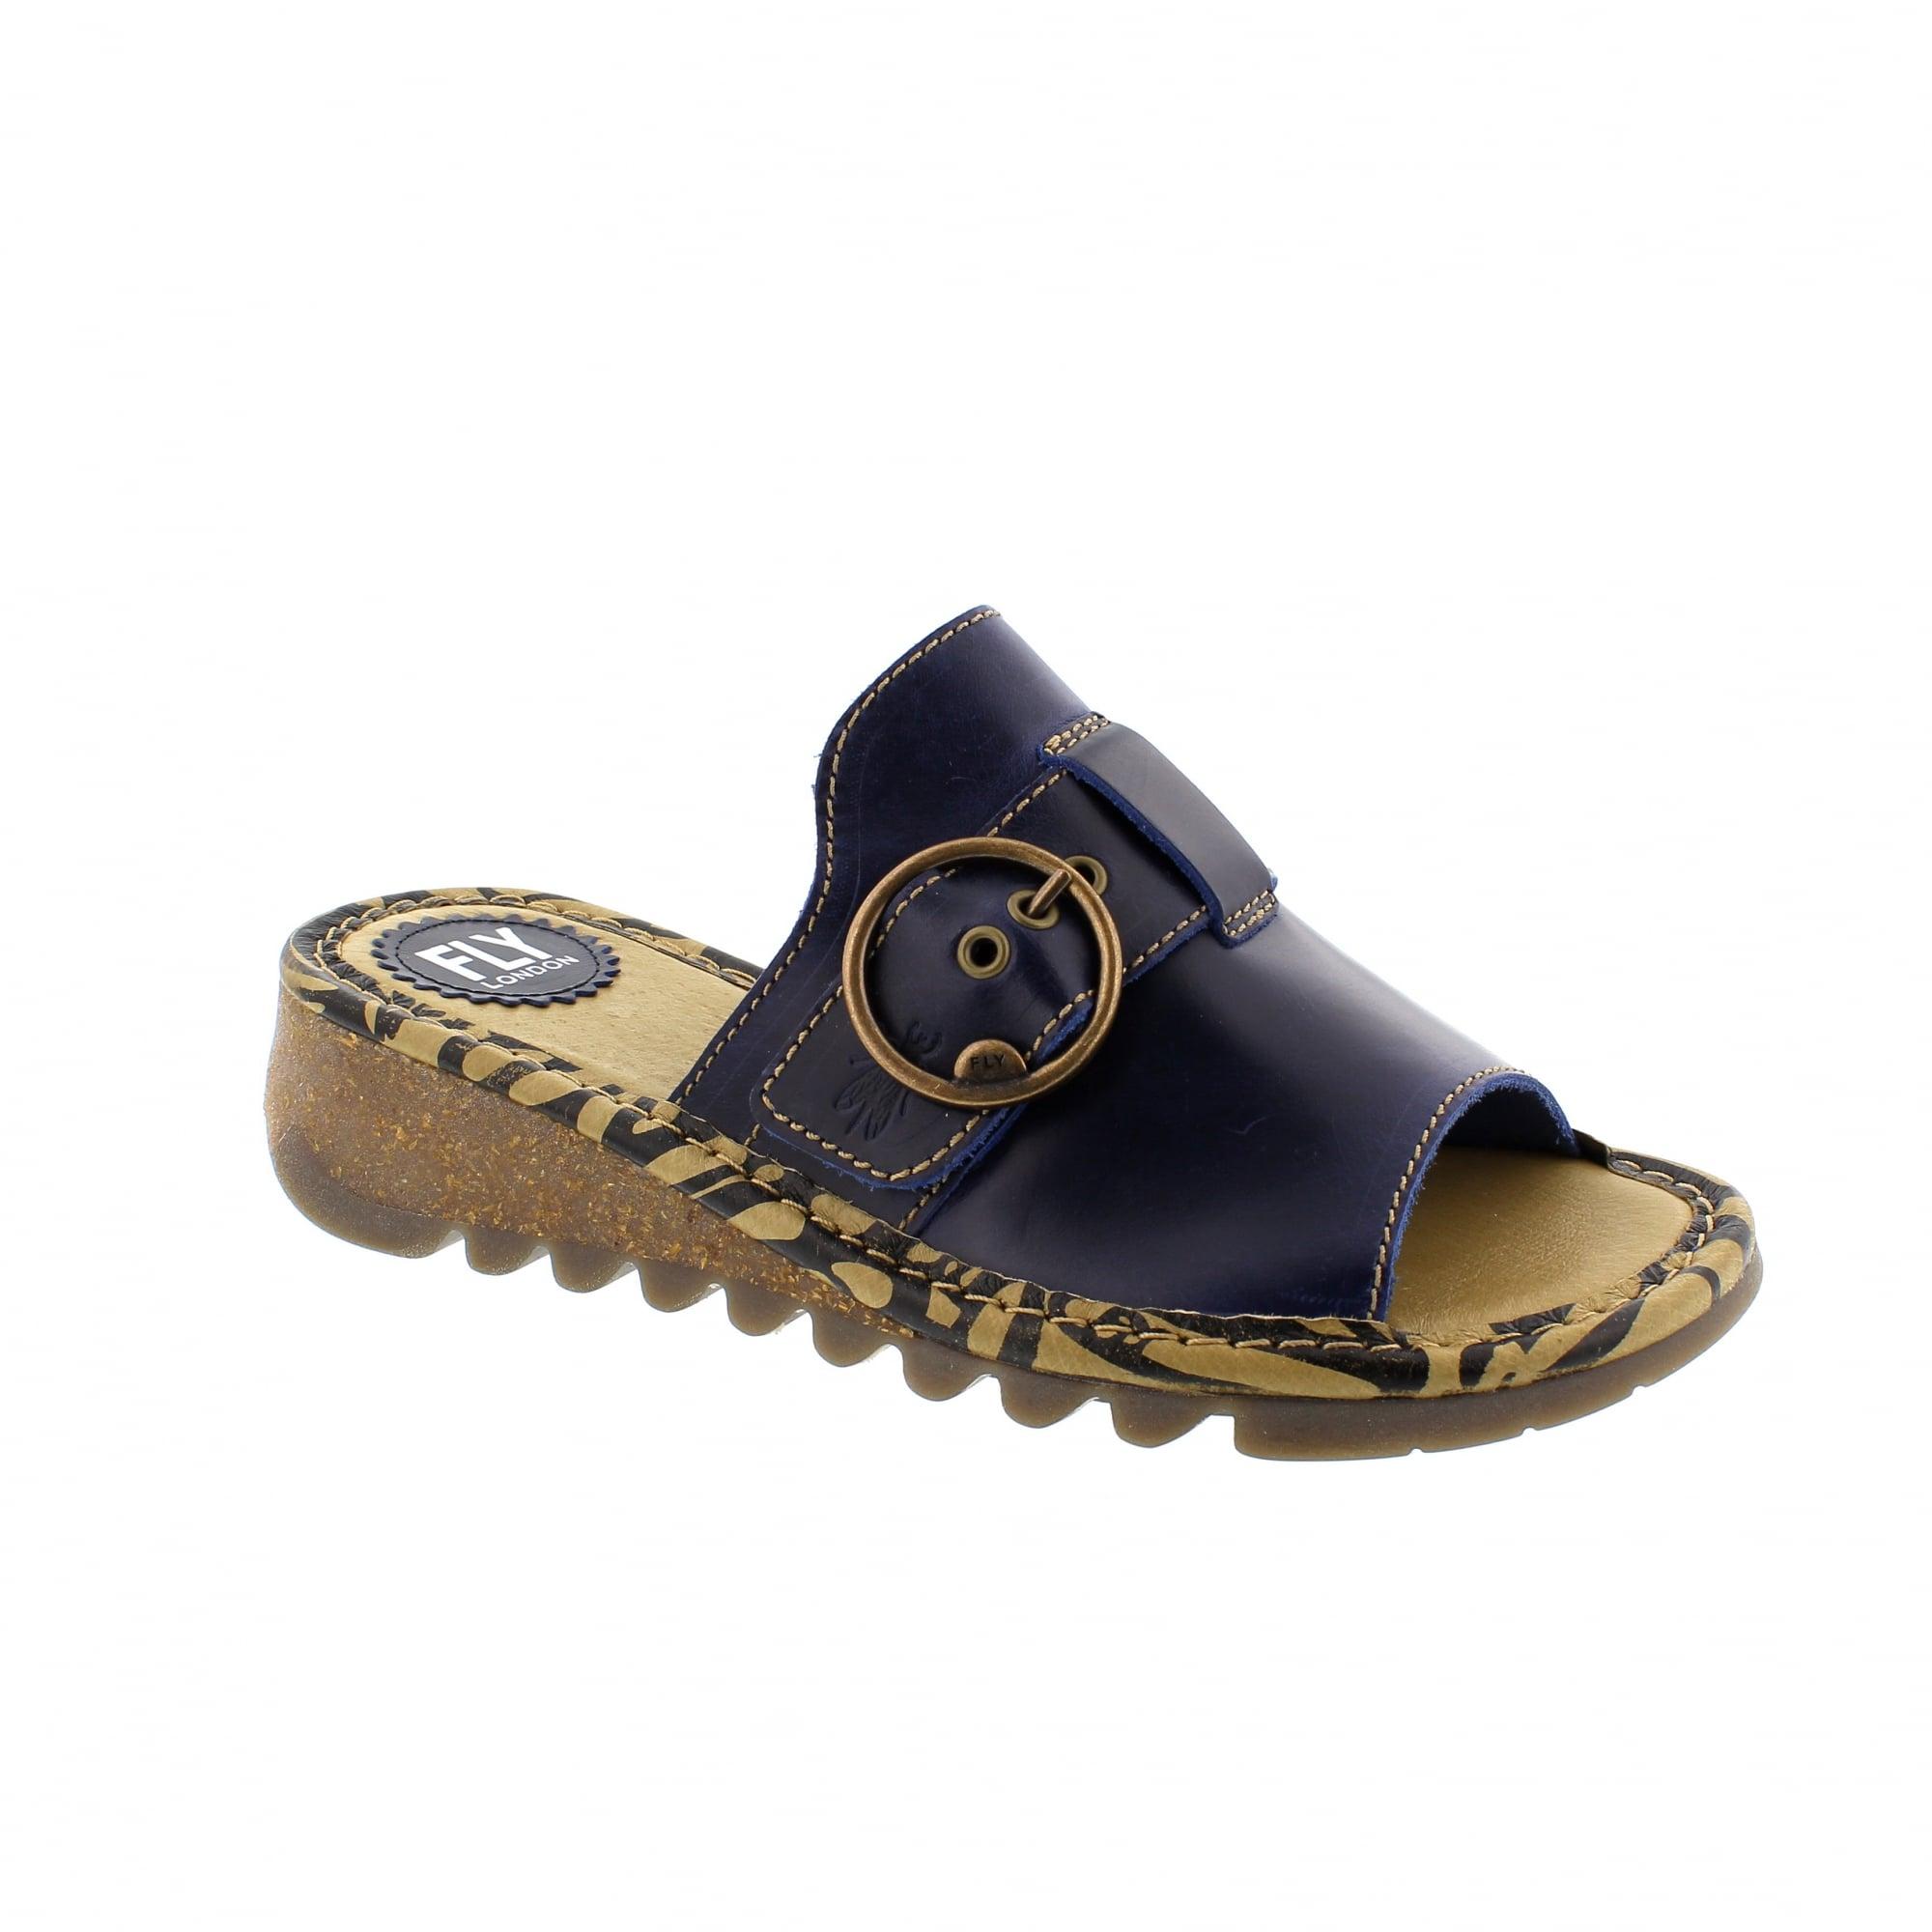 1f7953f30745 Fly London Tani 500807-008 Womens Sandals